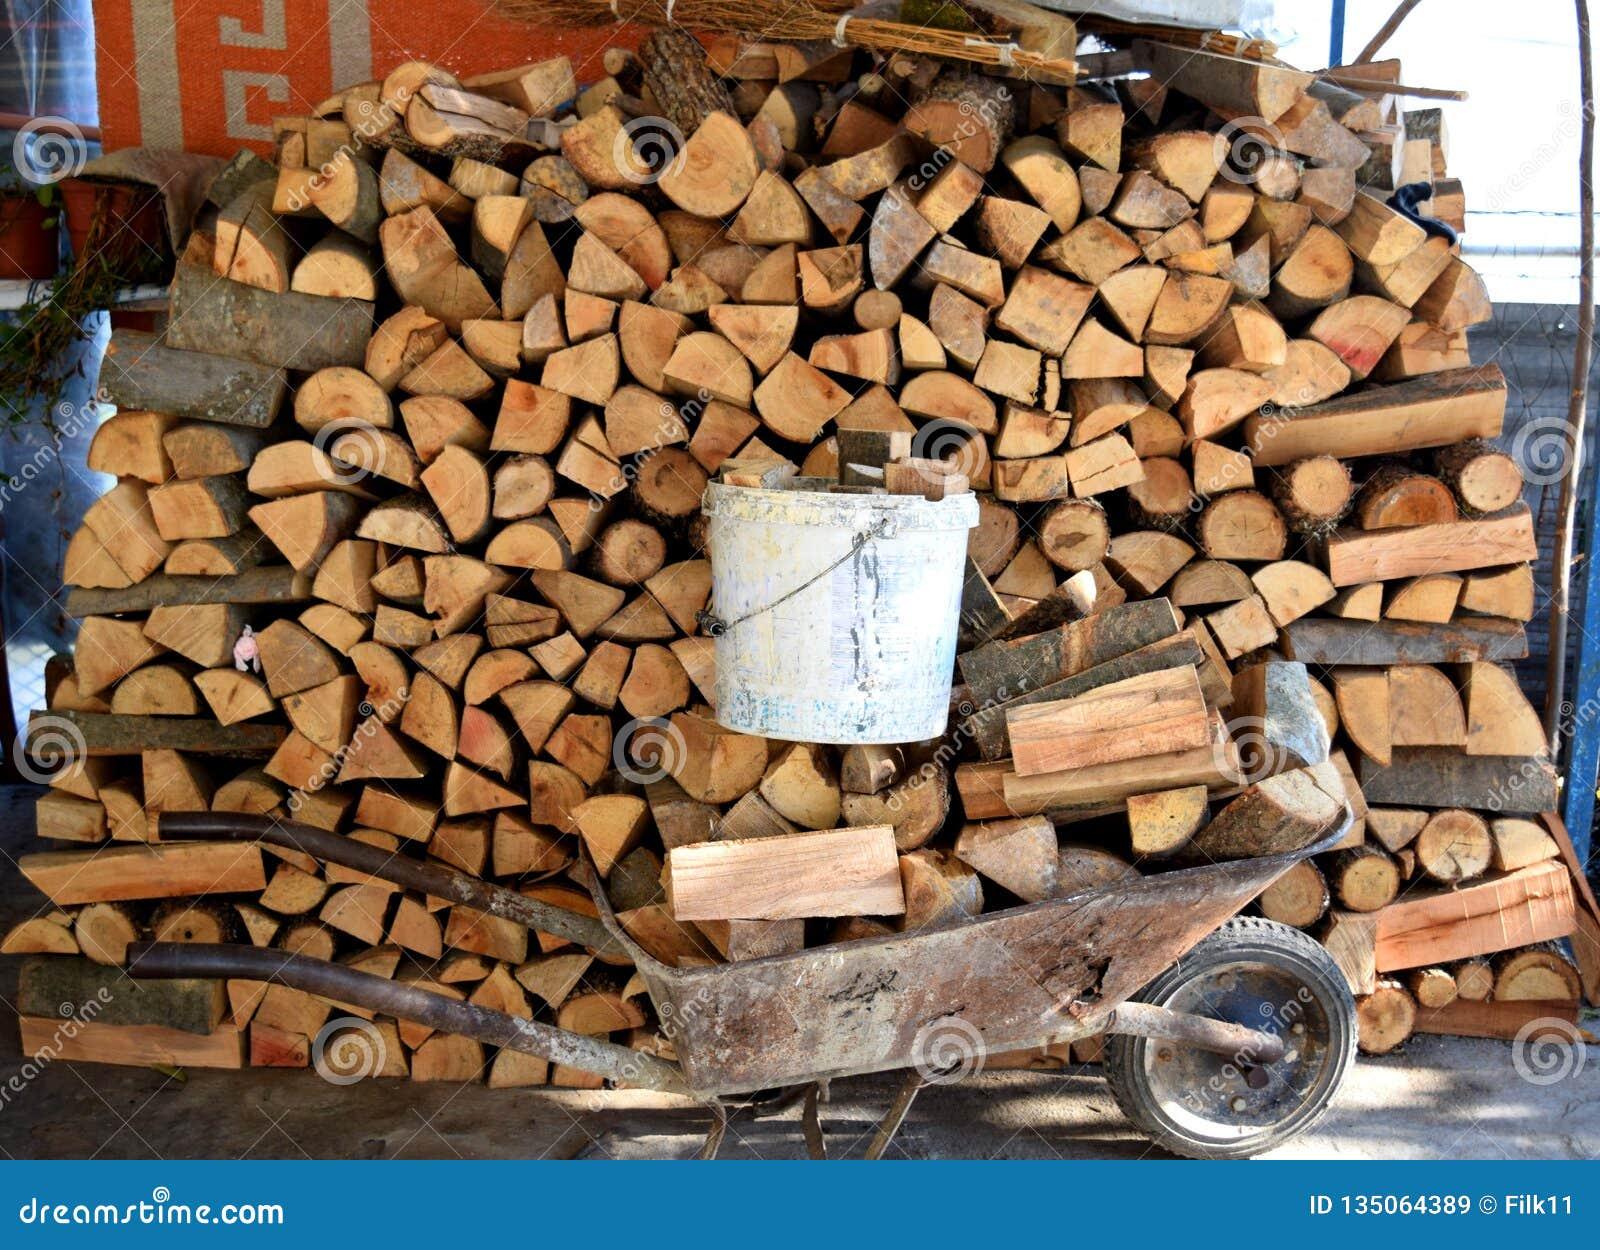 Pila de registros y de carretilla de rueda de madera por completo de bosque